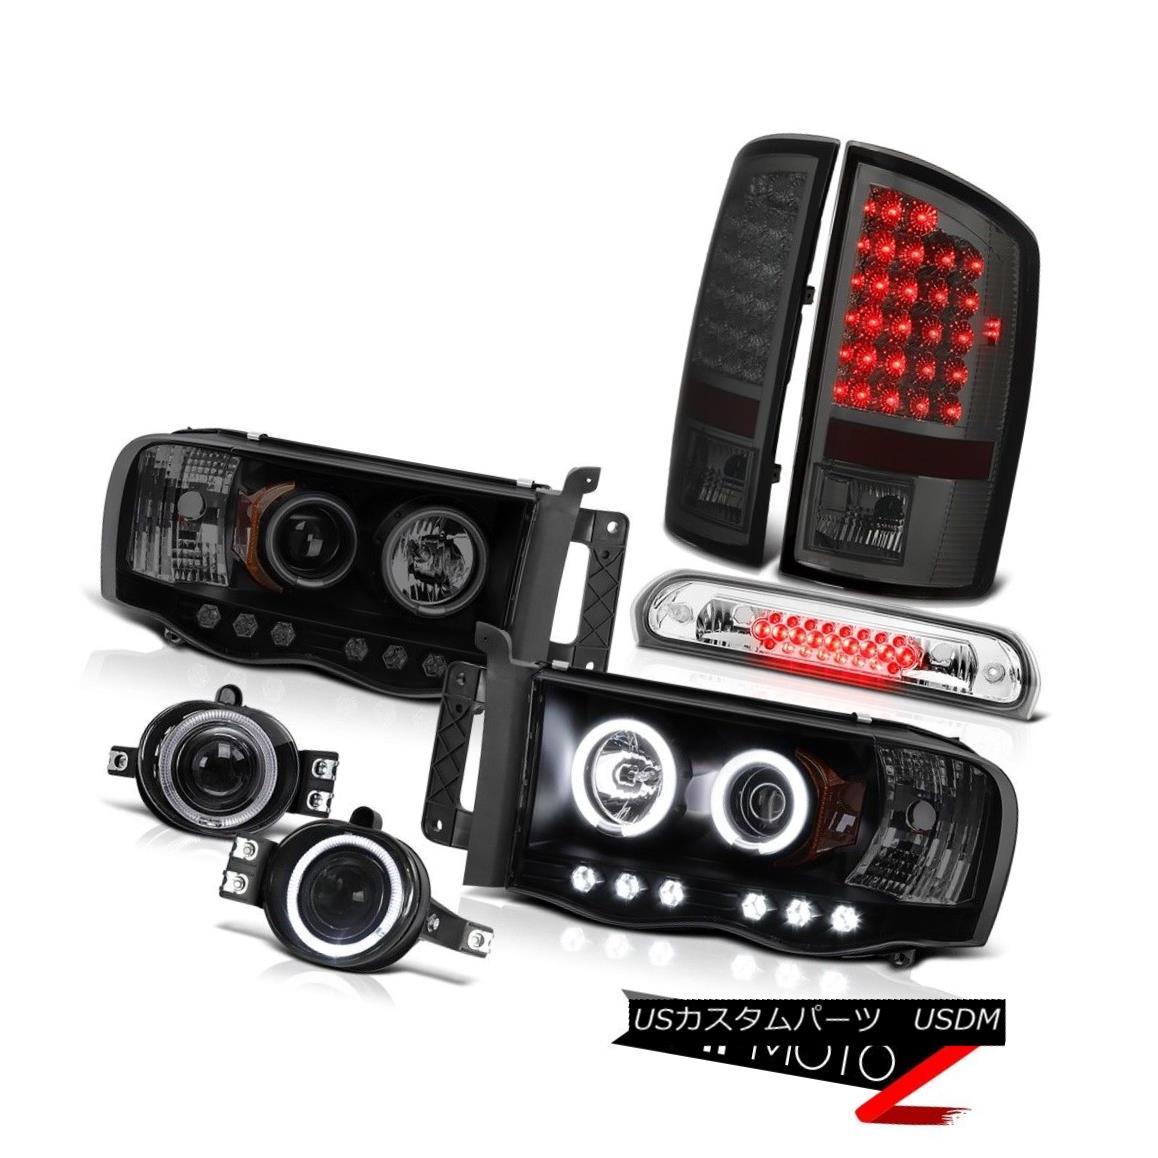 テールライト 02 03 04 05 Ram SRT-10 Projector CCFL Rim Headlights LED Brake Lights Euro Third 02 03 04 05ラムSRT-10プロジェクターCCFLリムヘッドライトLEDブレーキライトユーロサード